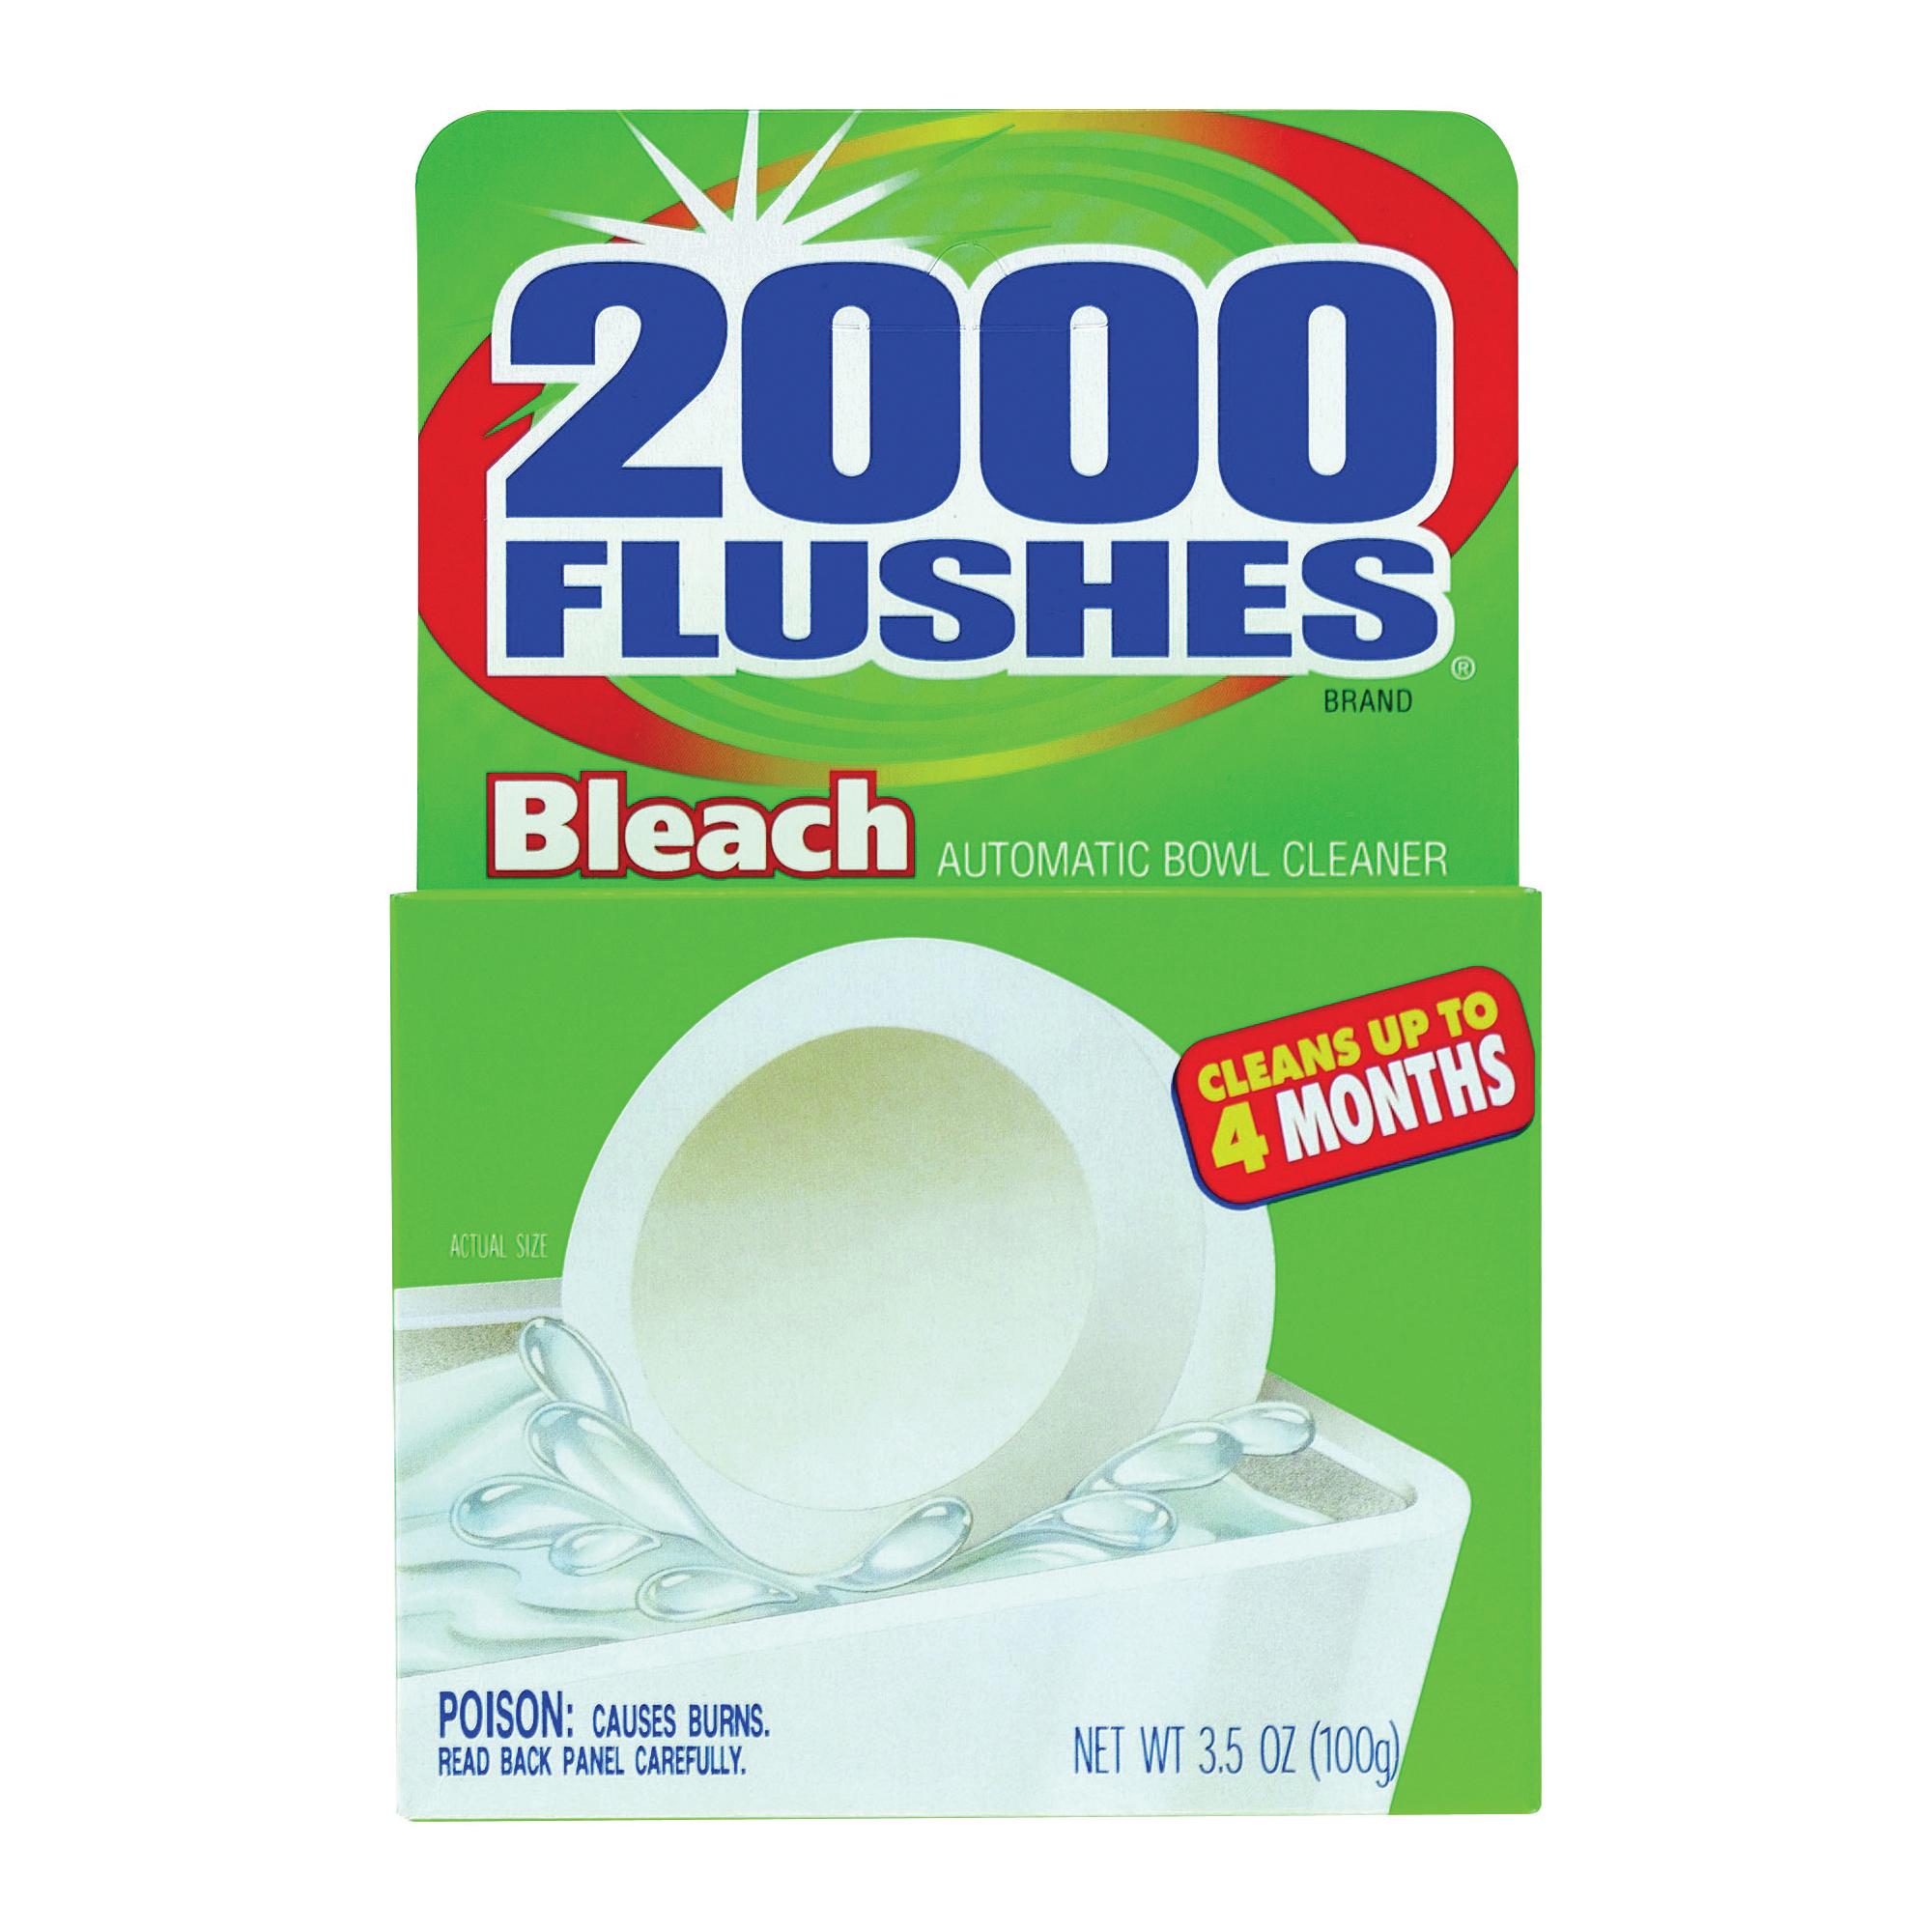 2000 Flushes 290071